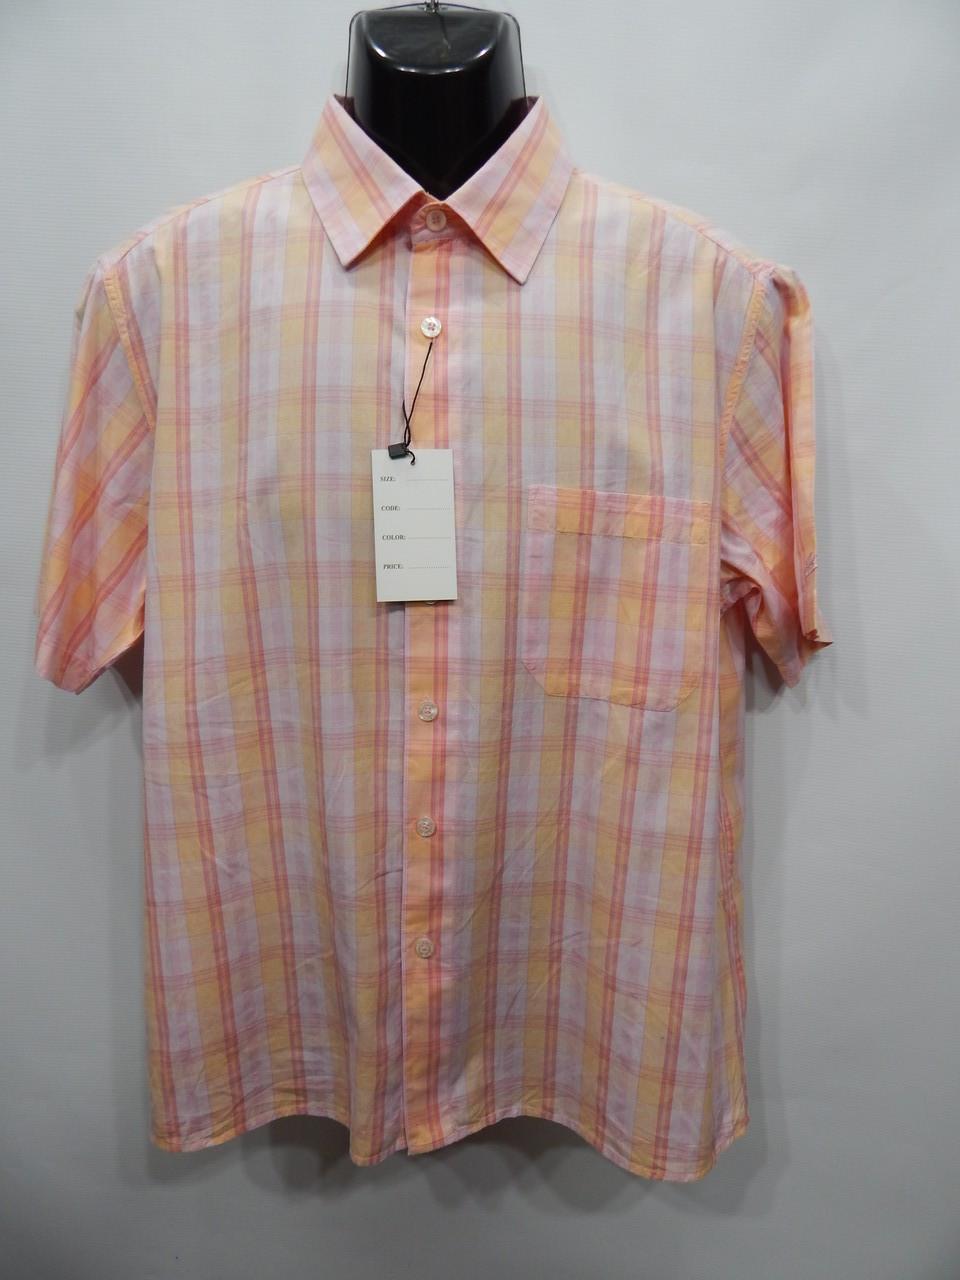 Чоловіча сорочка з коротким рукавом Juleps оригінал (084КР) р. 50